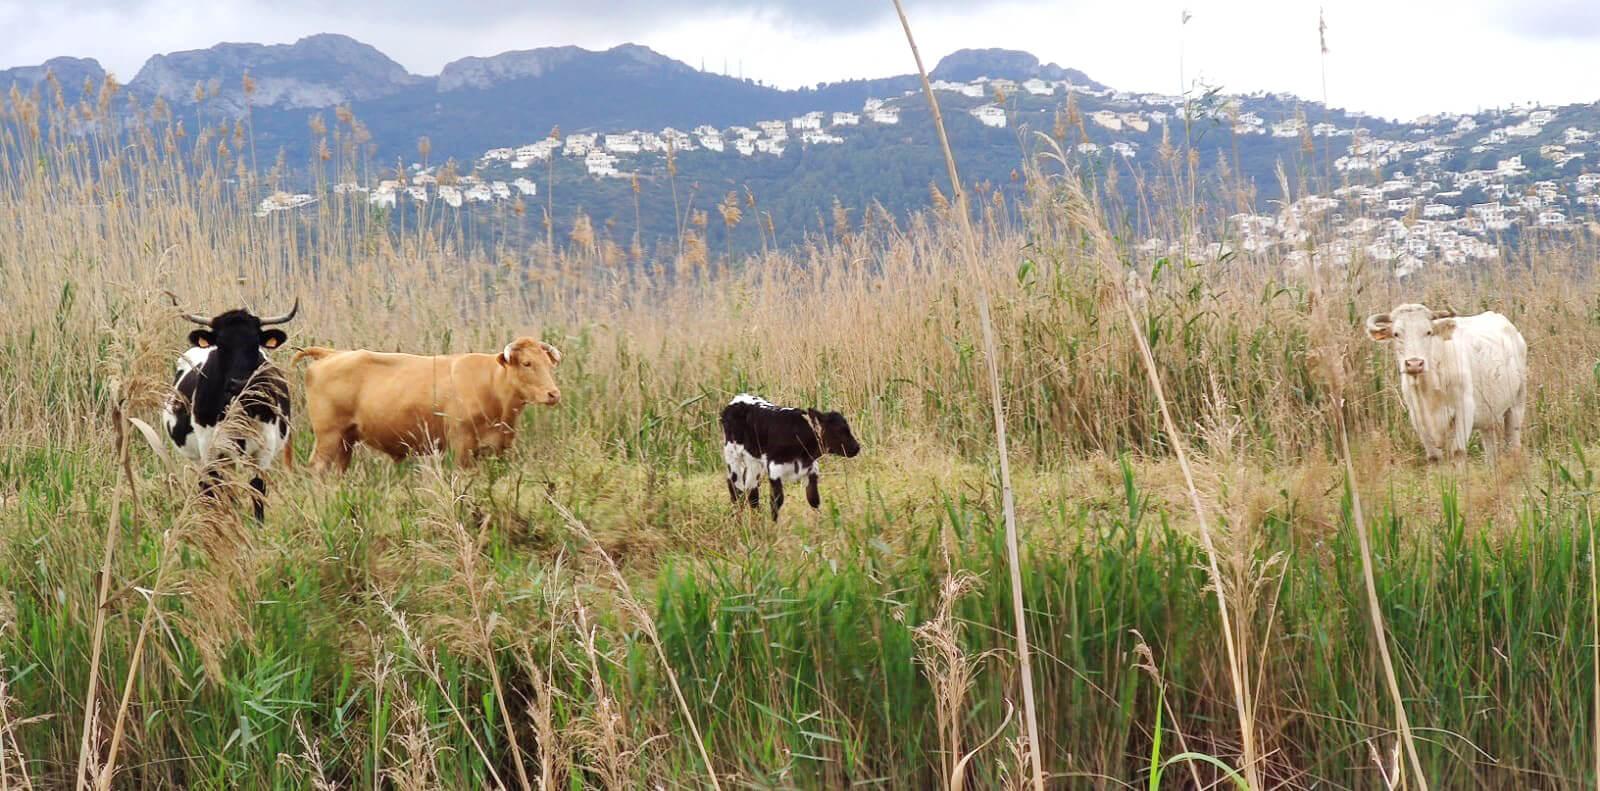 La ganadería vacuna vuelve a la Marjal de Pego – Oliva tras 15 años sin rebaños